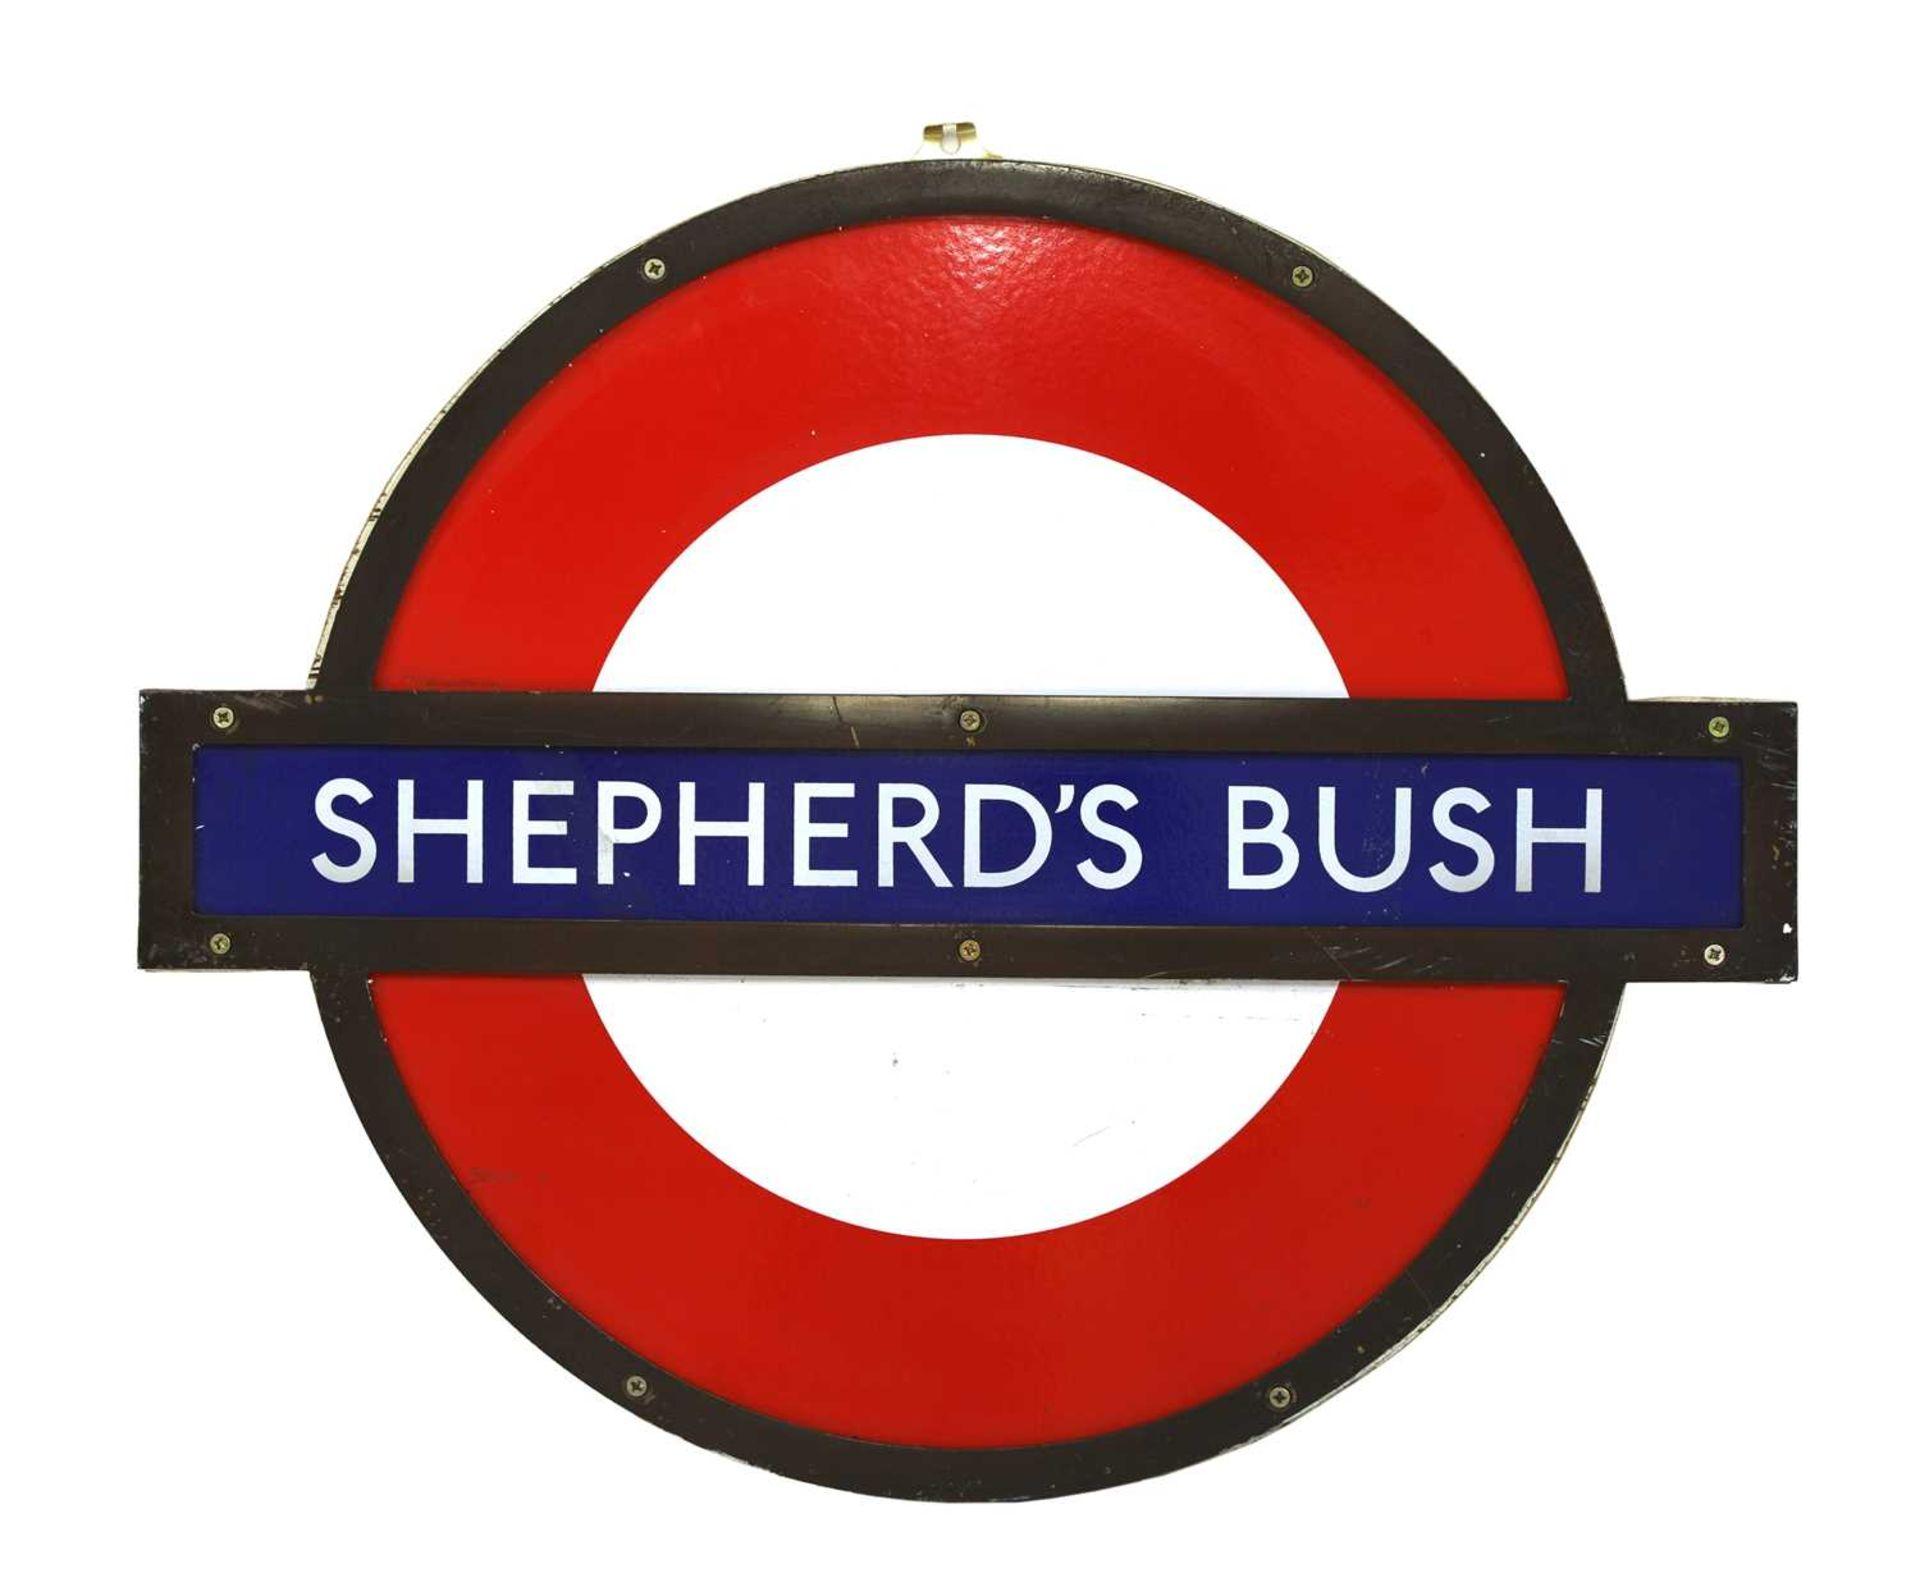 'SHEPHERD'S BUSH',